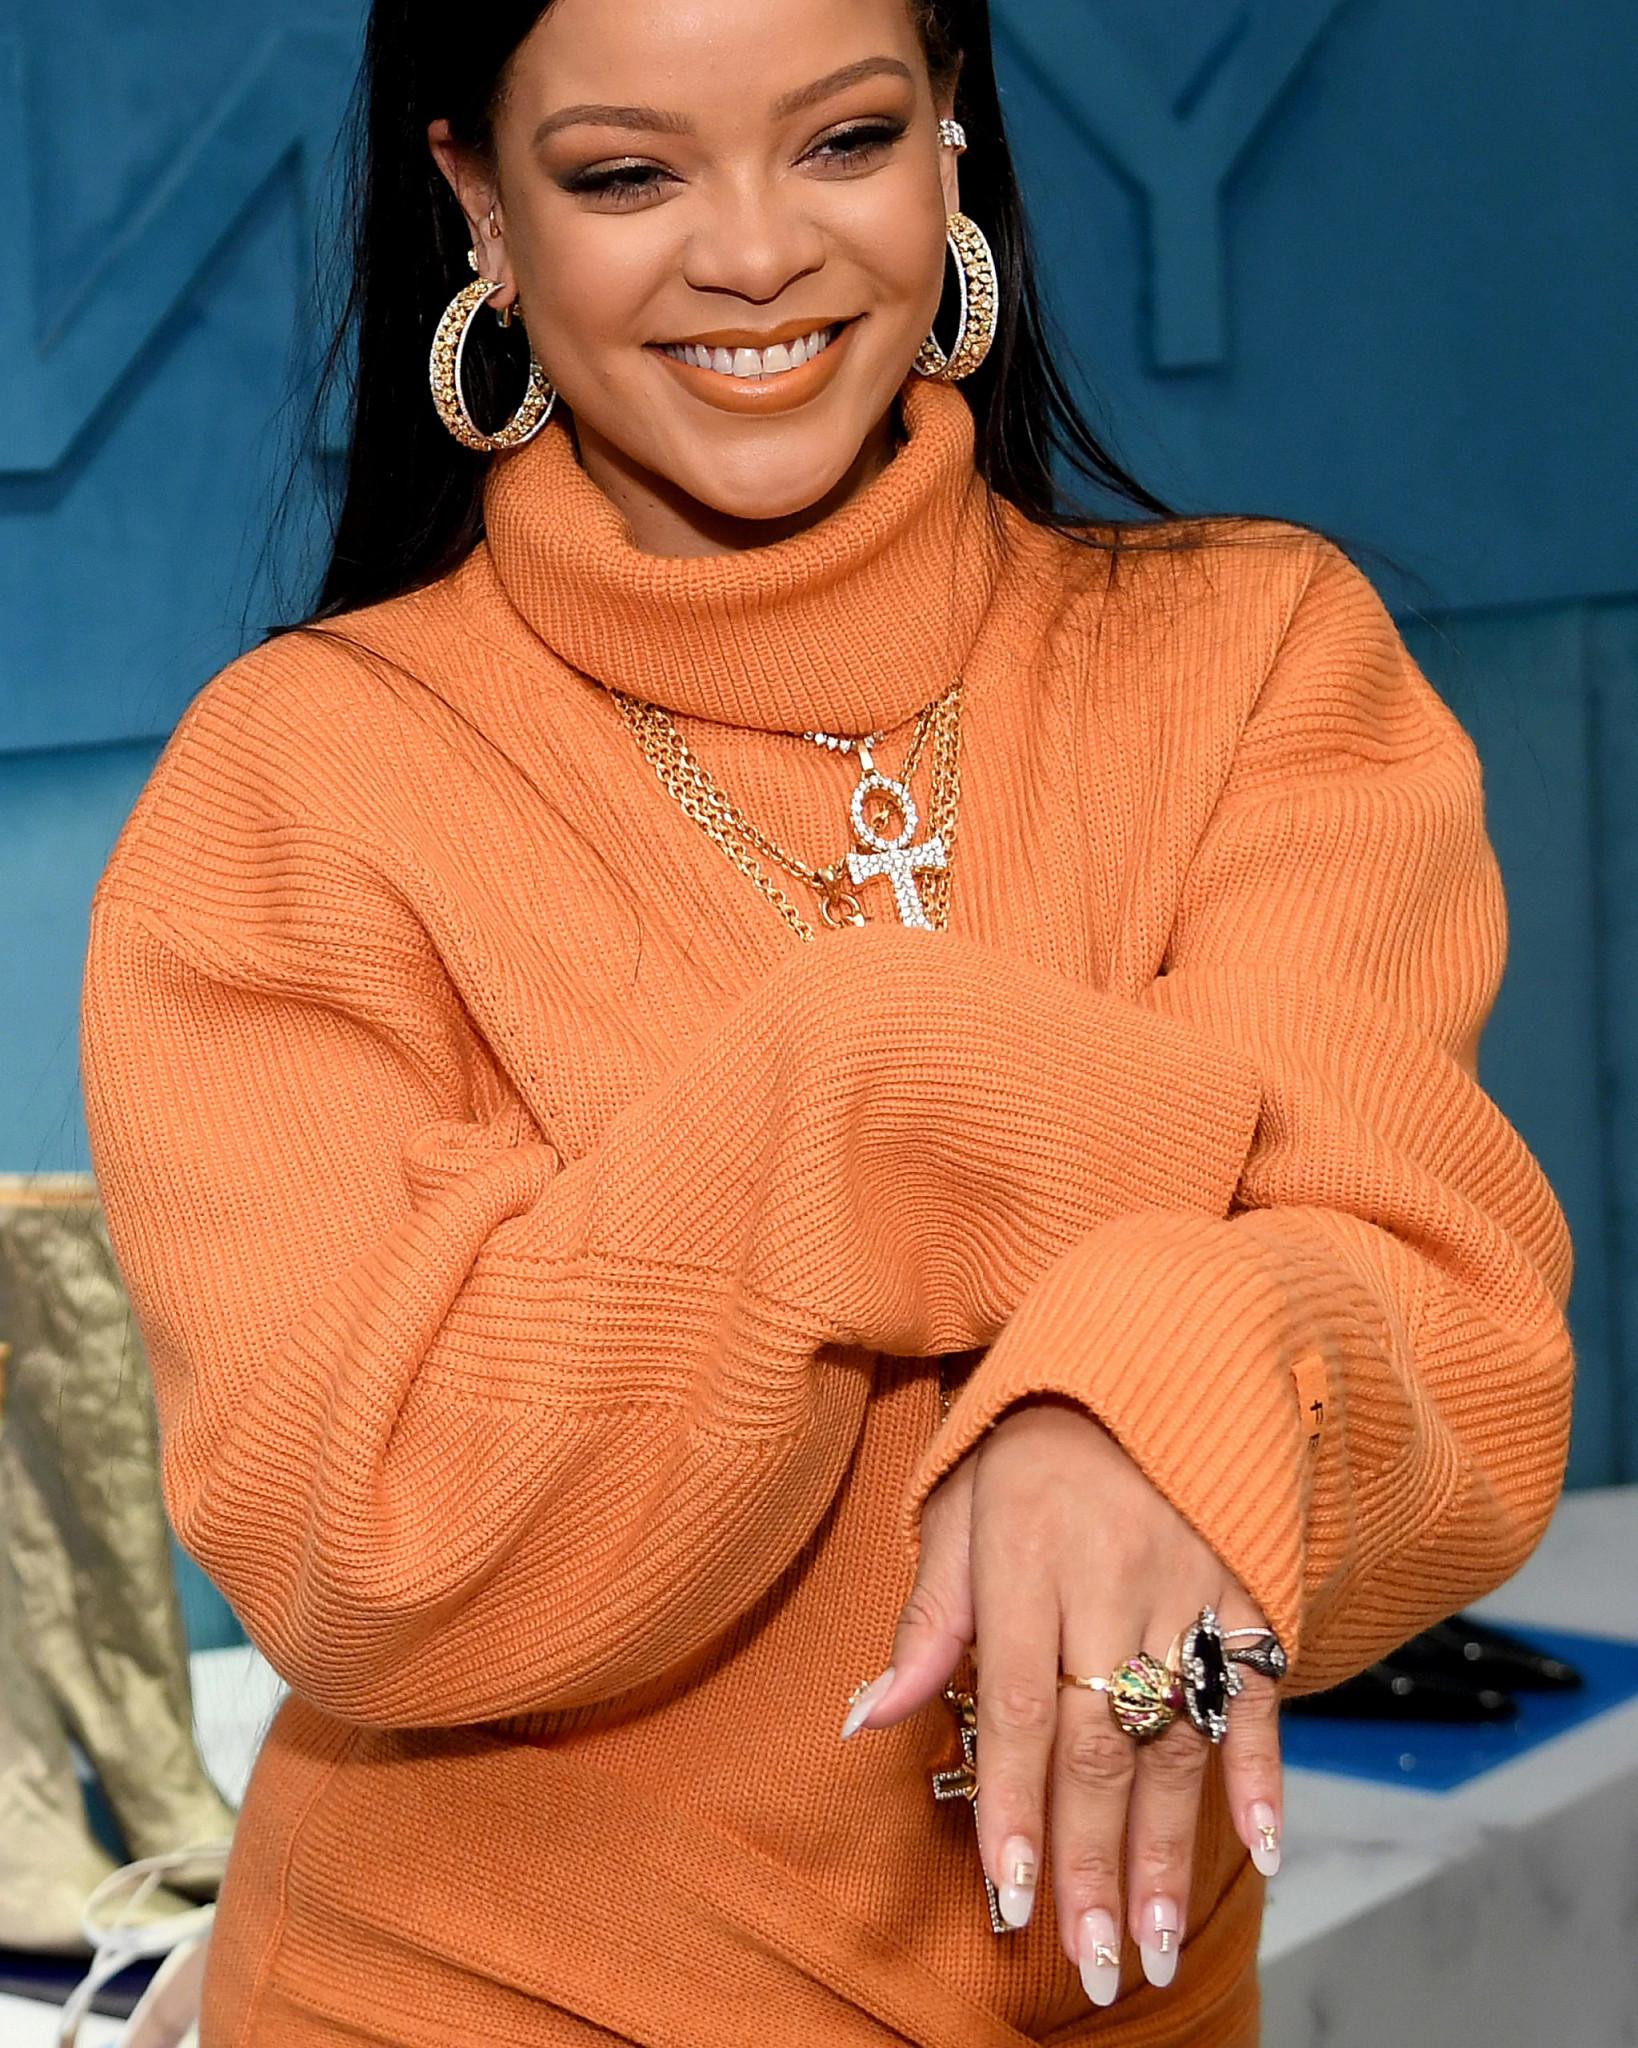 蕾哈娜佩戴三叠式天然钻石耳饰和18K金天然钻石尾戒